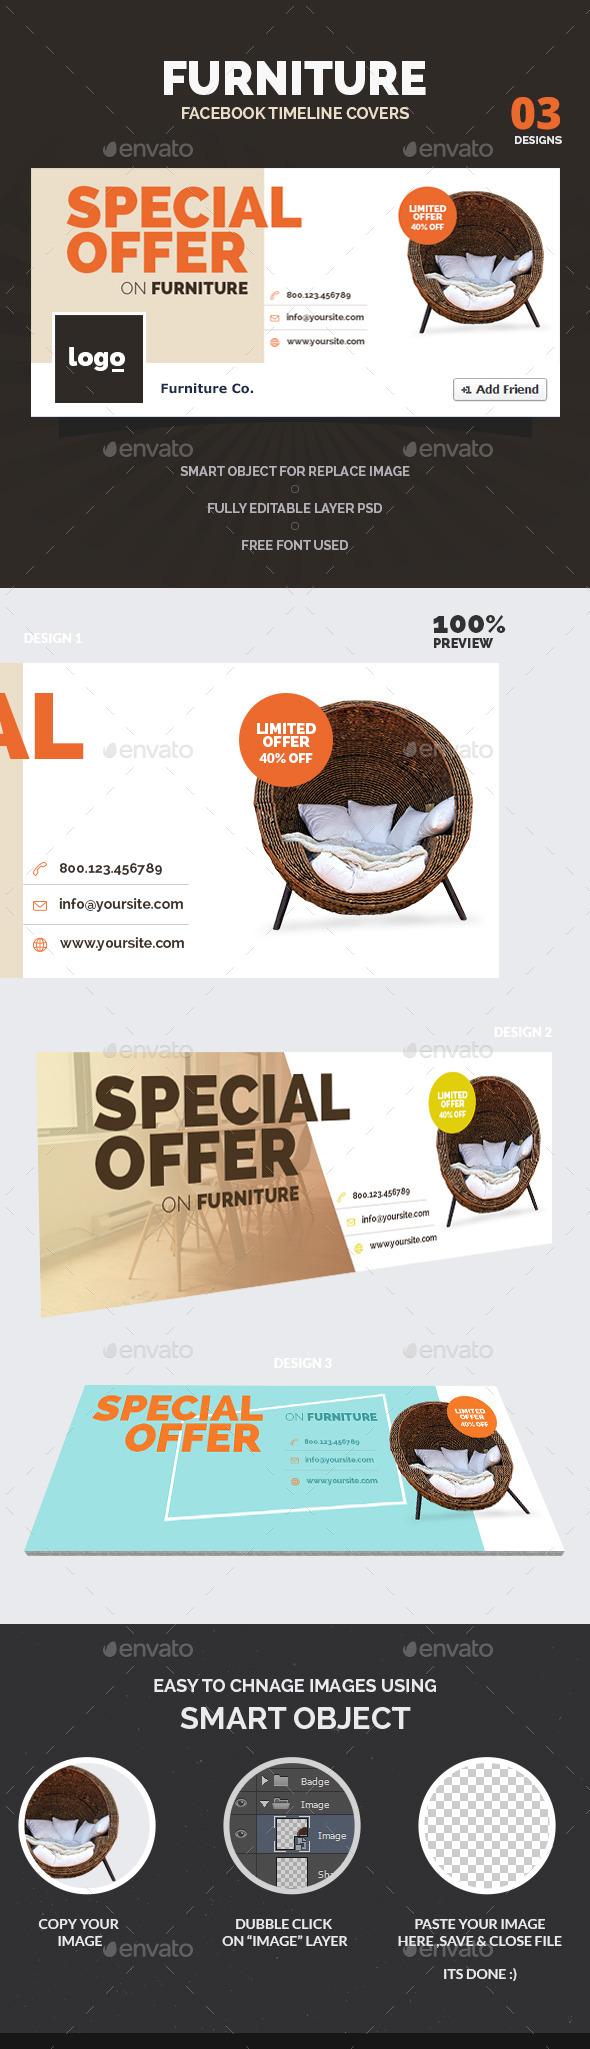 Furniture Facebook Timeline Covers - Facebook Timeline Covers Social Media